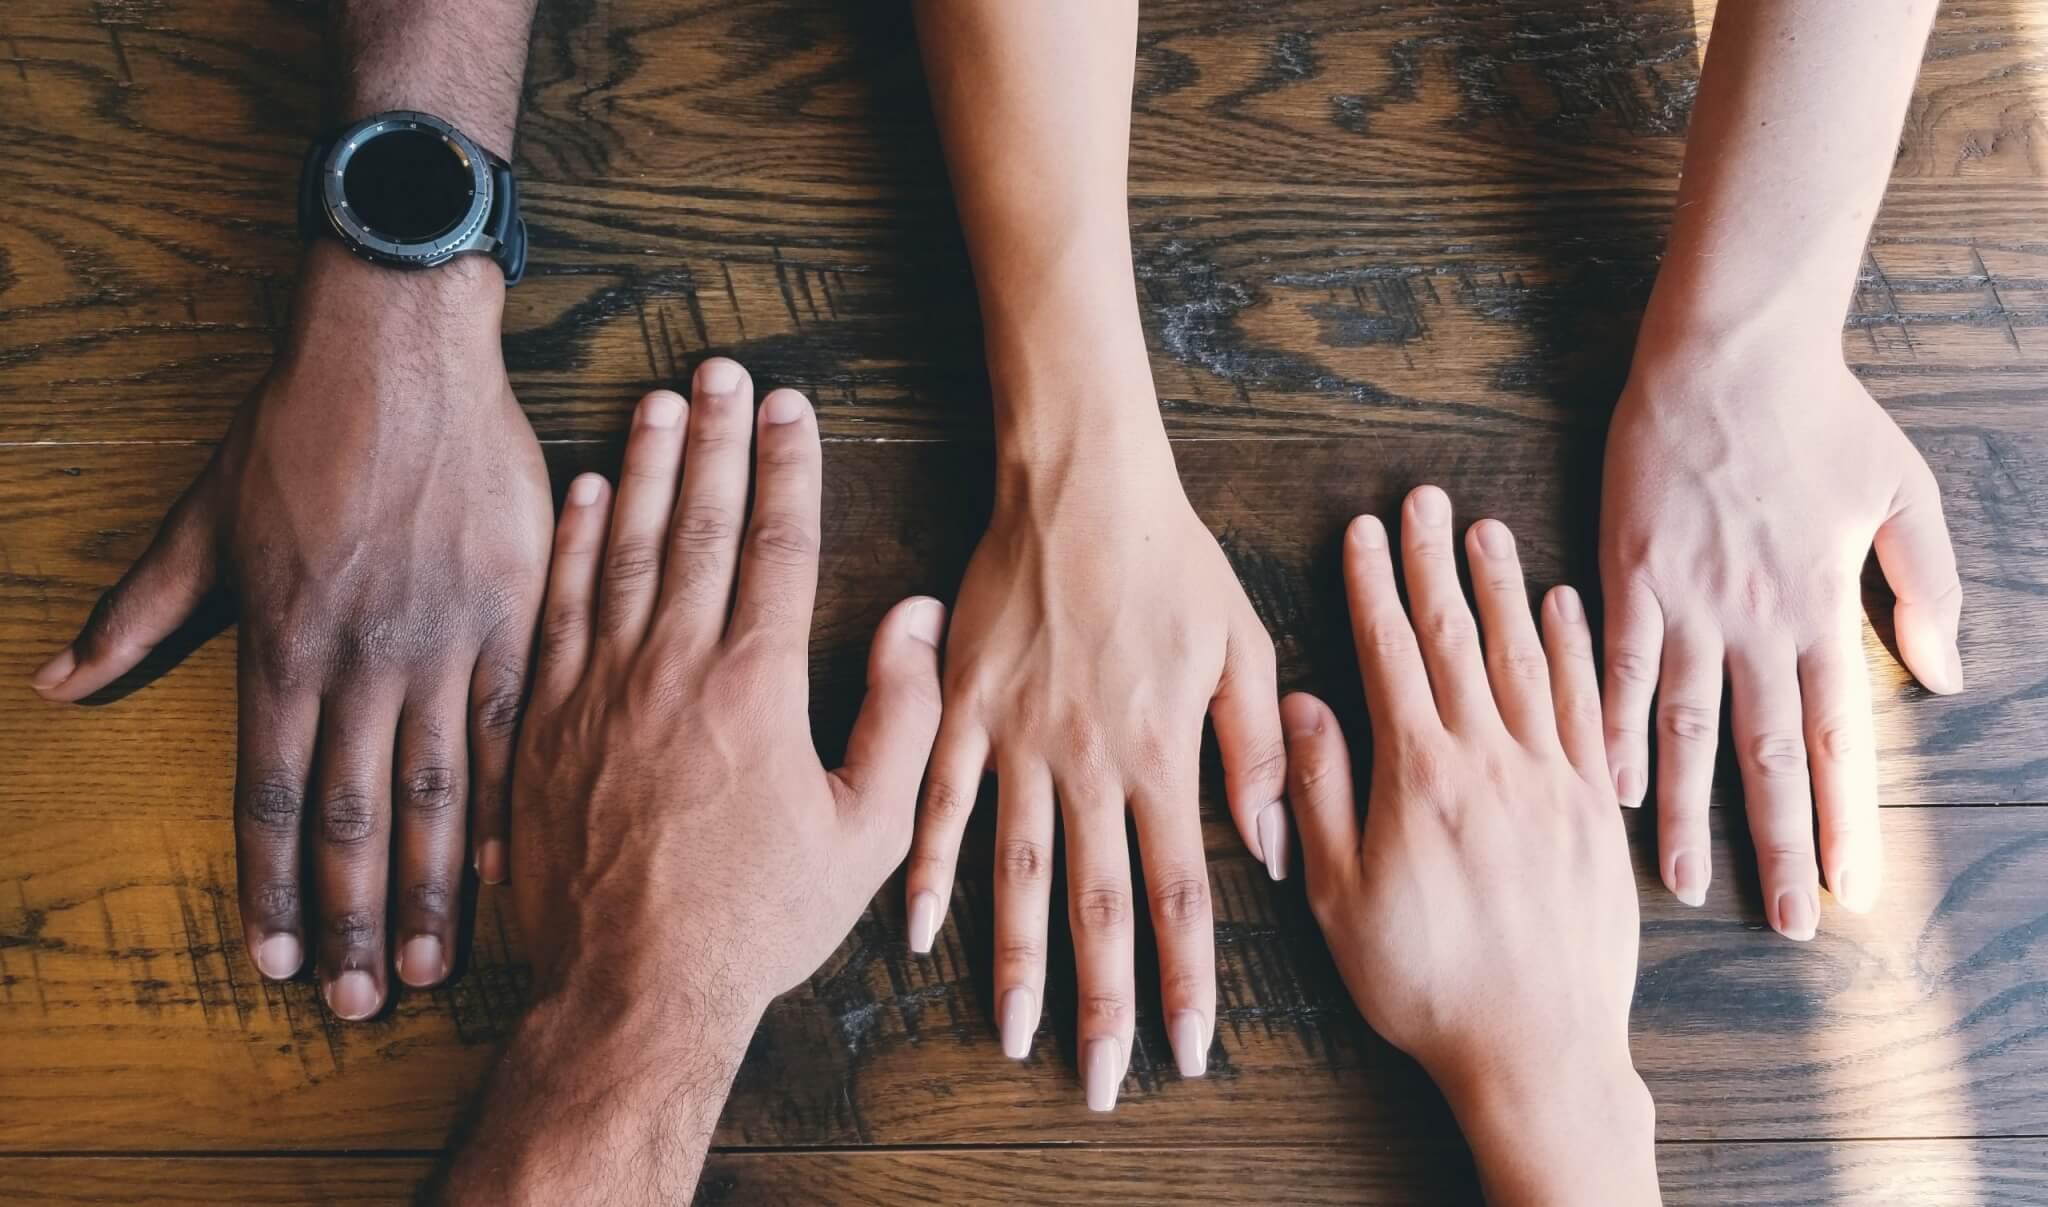 Comunità Smoobu, Benvenuti nella nostra comunità Smoobu: condividi pensieri ed esperienze con altri utenti